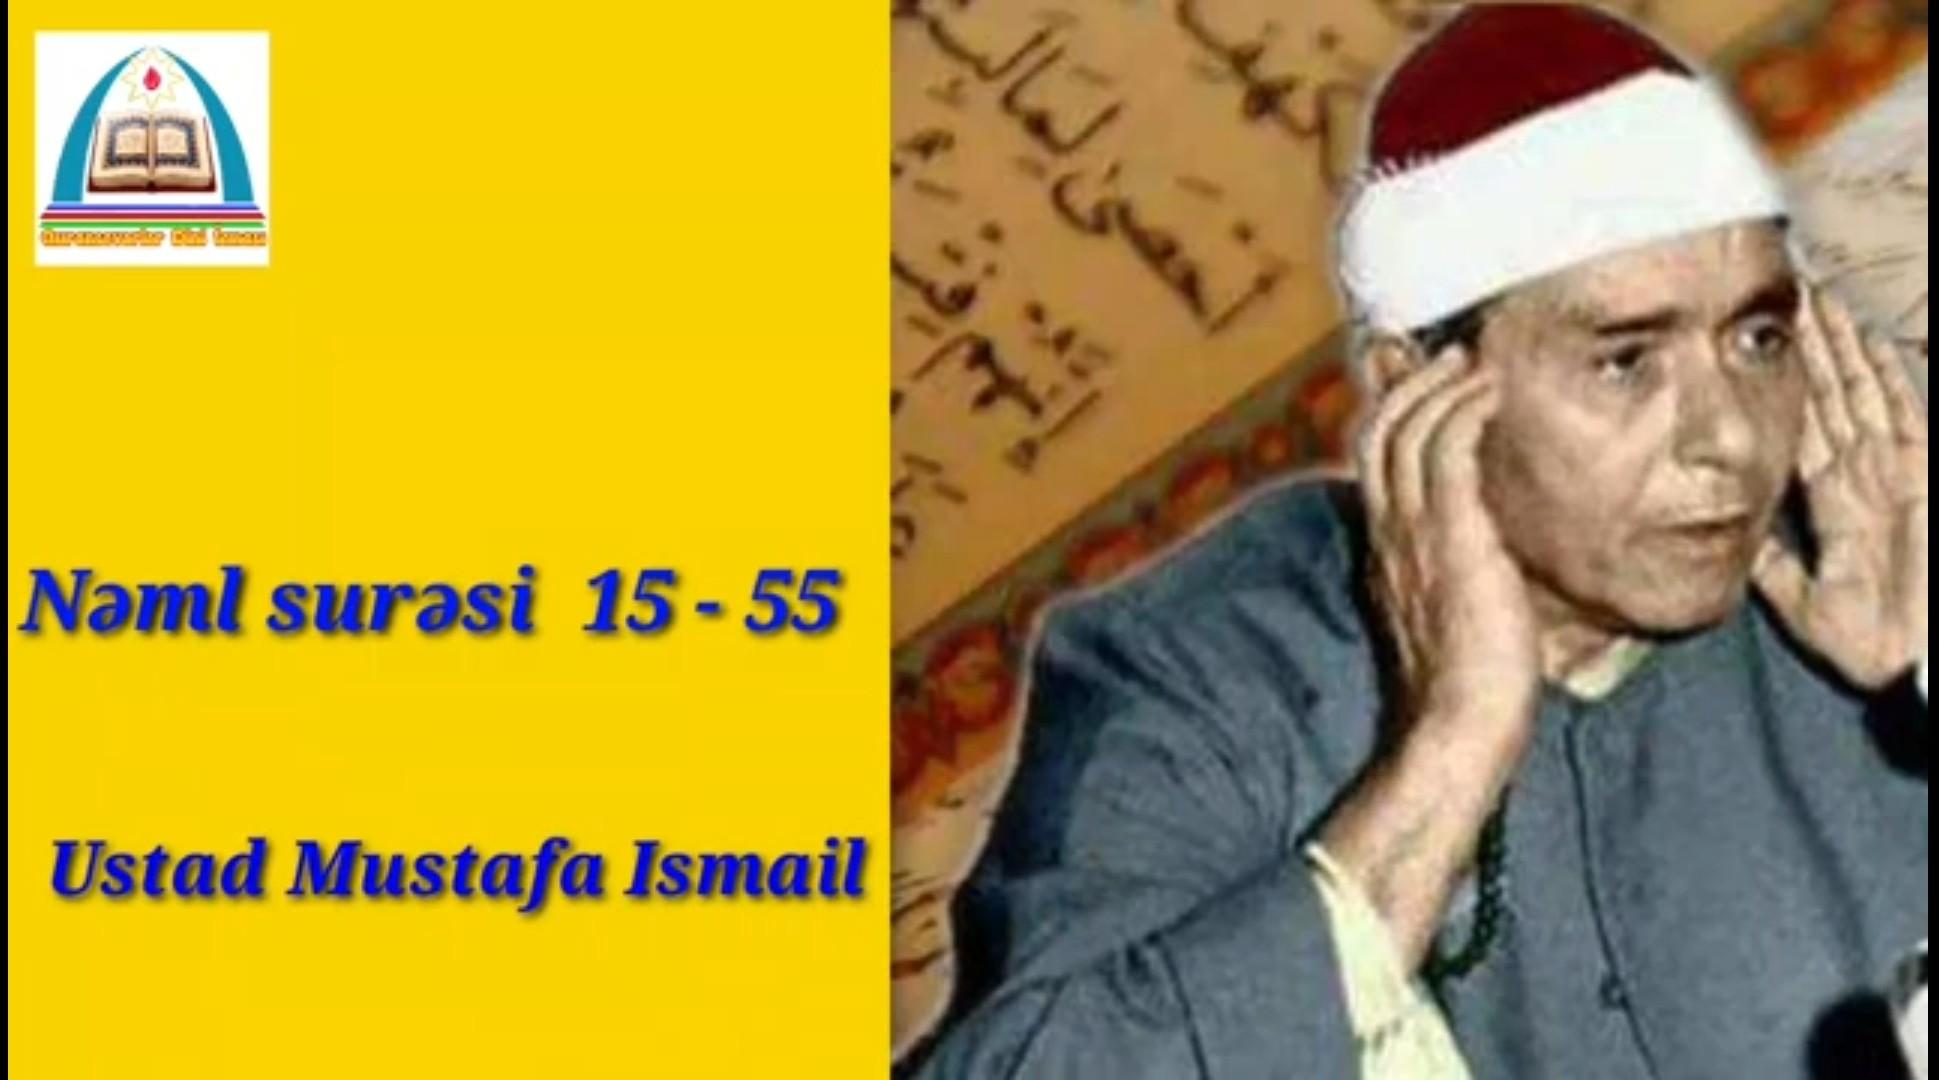 Ustad Mustafa Ismail - Neml suresi 15-55